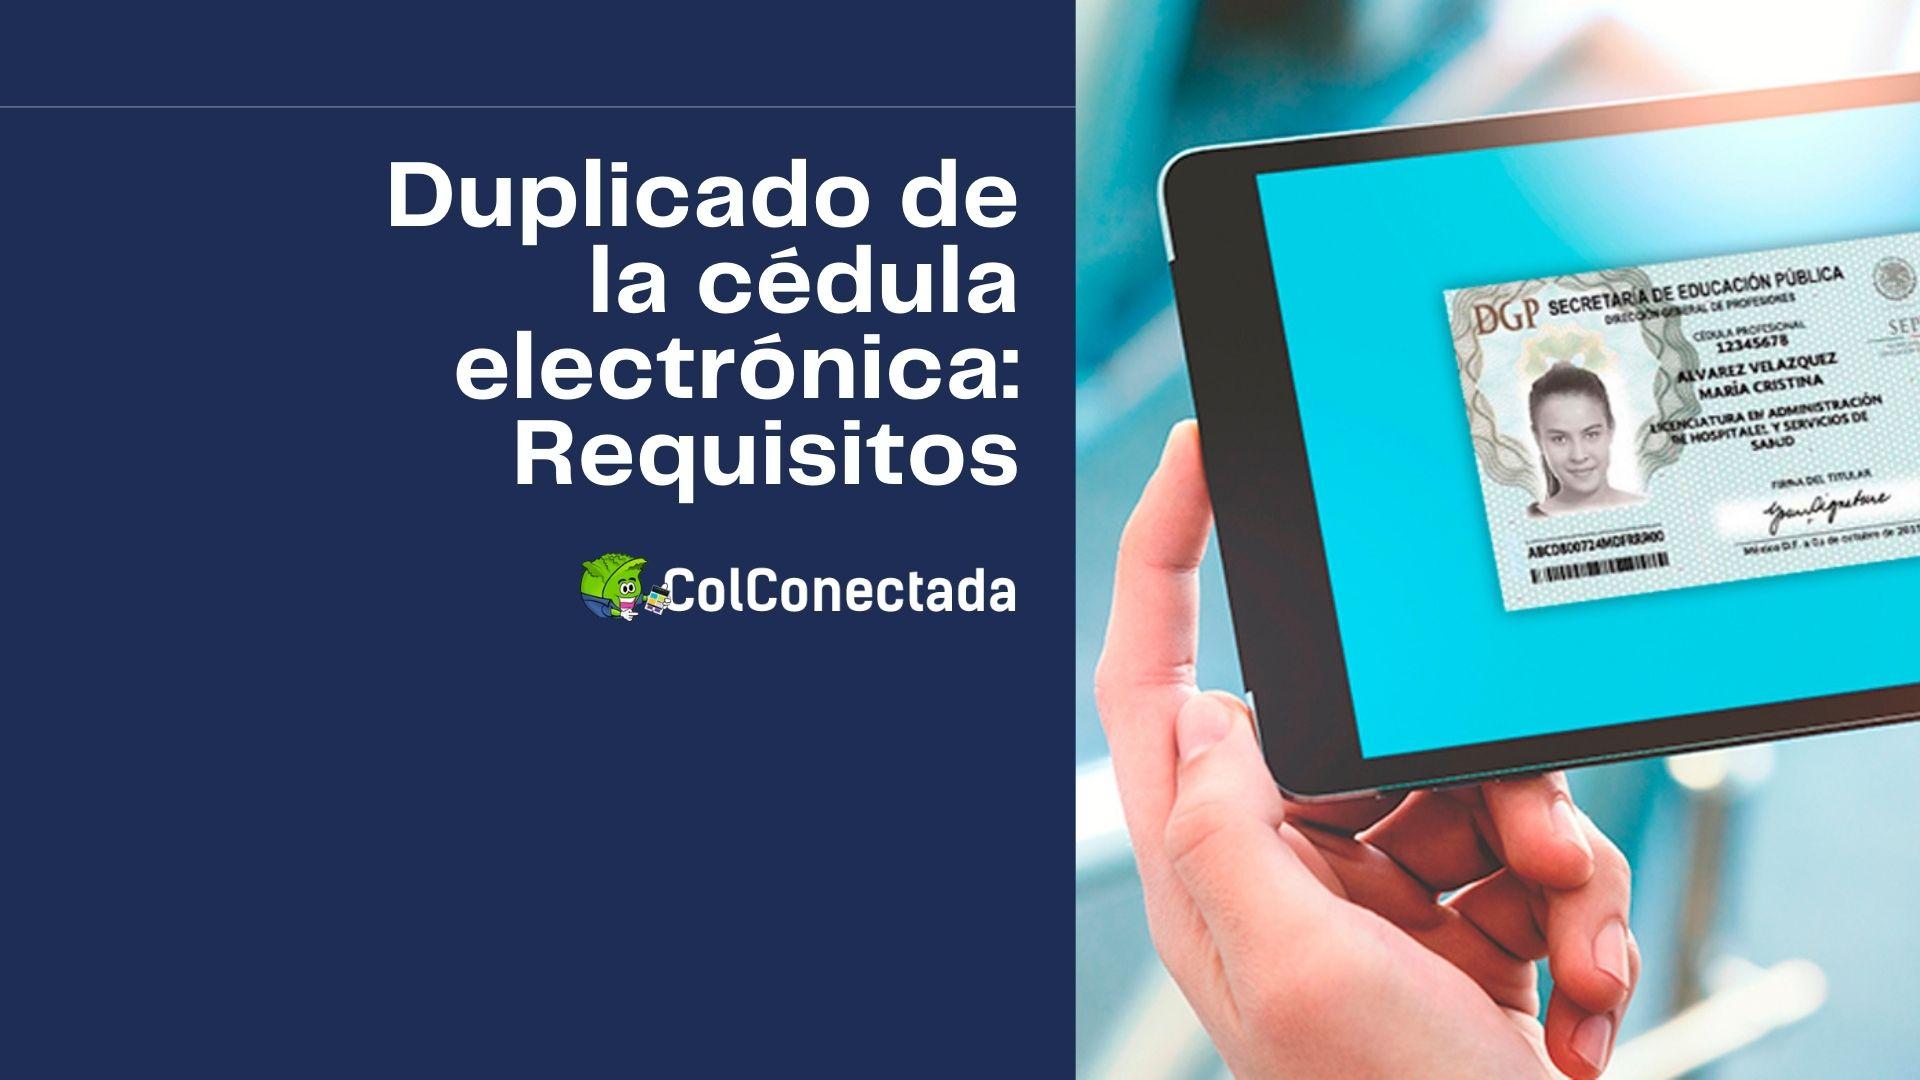 Solicitar el duplicado de la cédula profesional electrónica 12